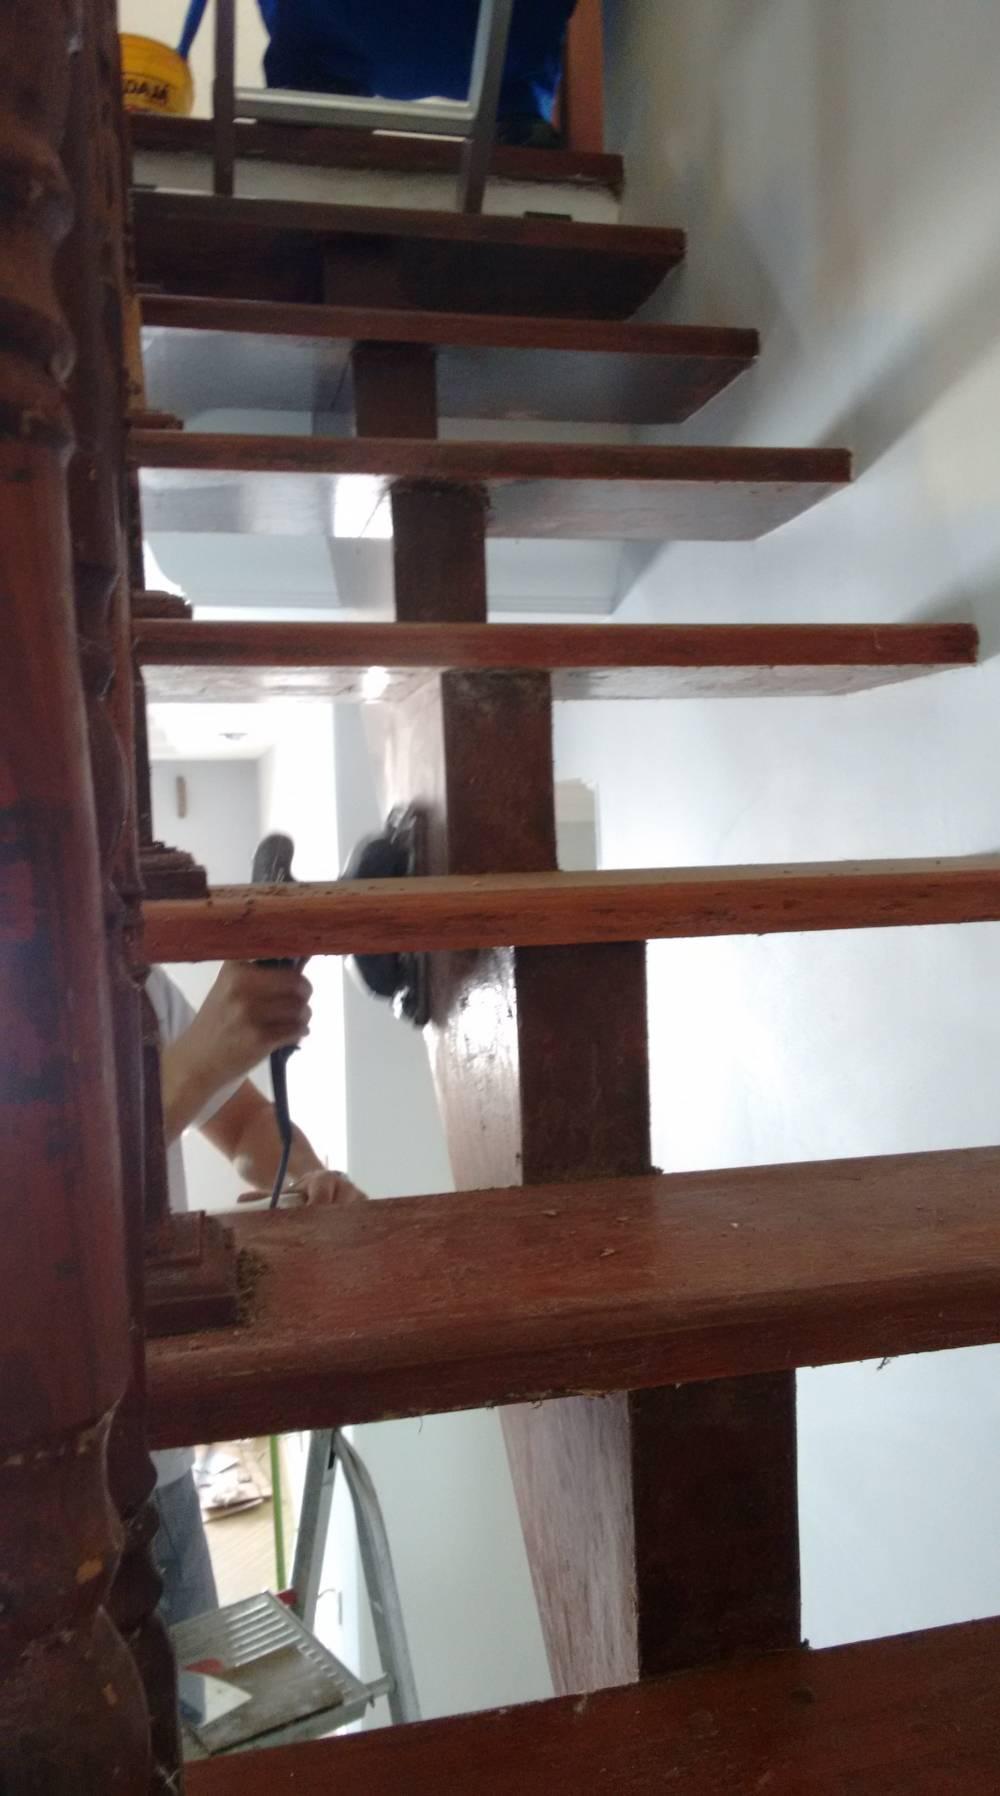 Contratar Alguém para Fazer Manutenções Residenciais no Jardim Guilhermina - Manutenção Residencial em SP